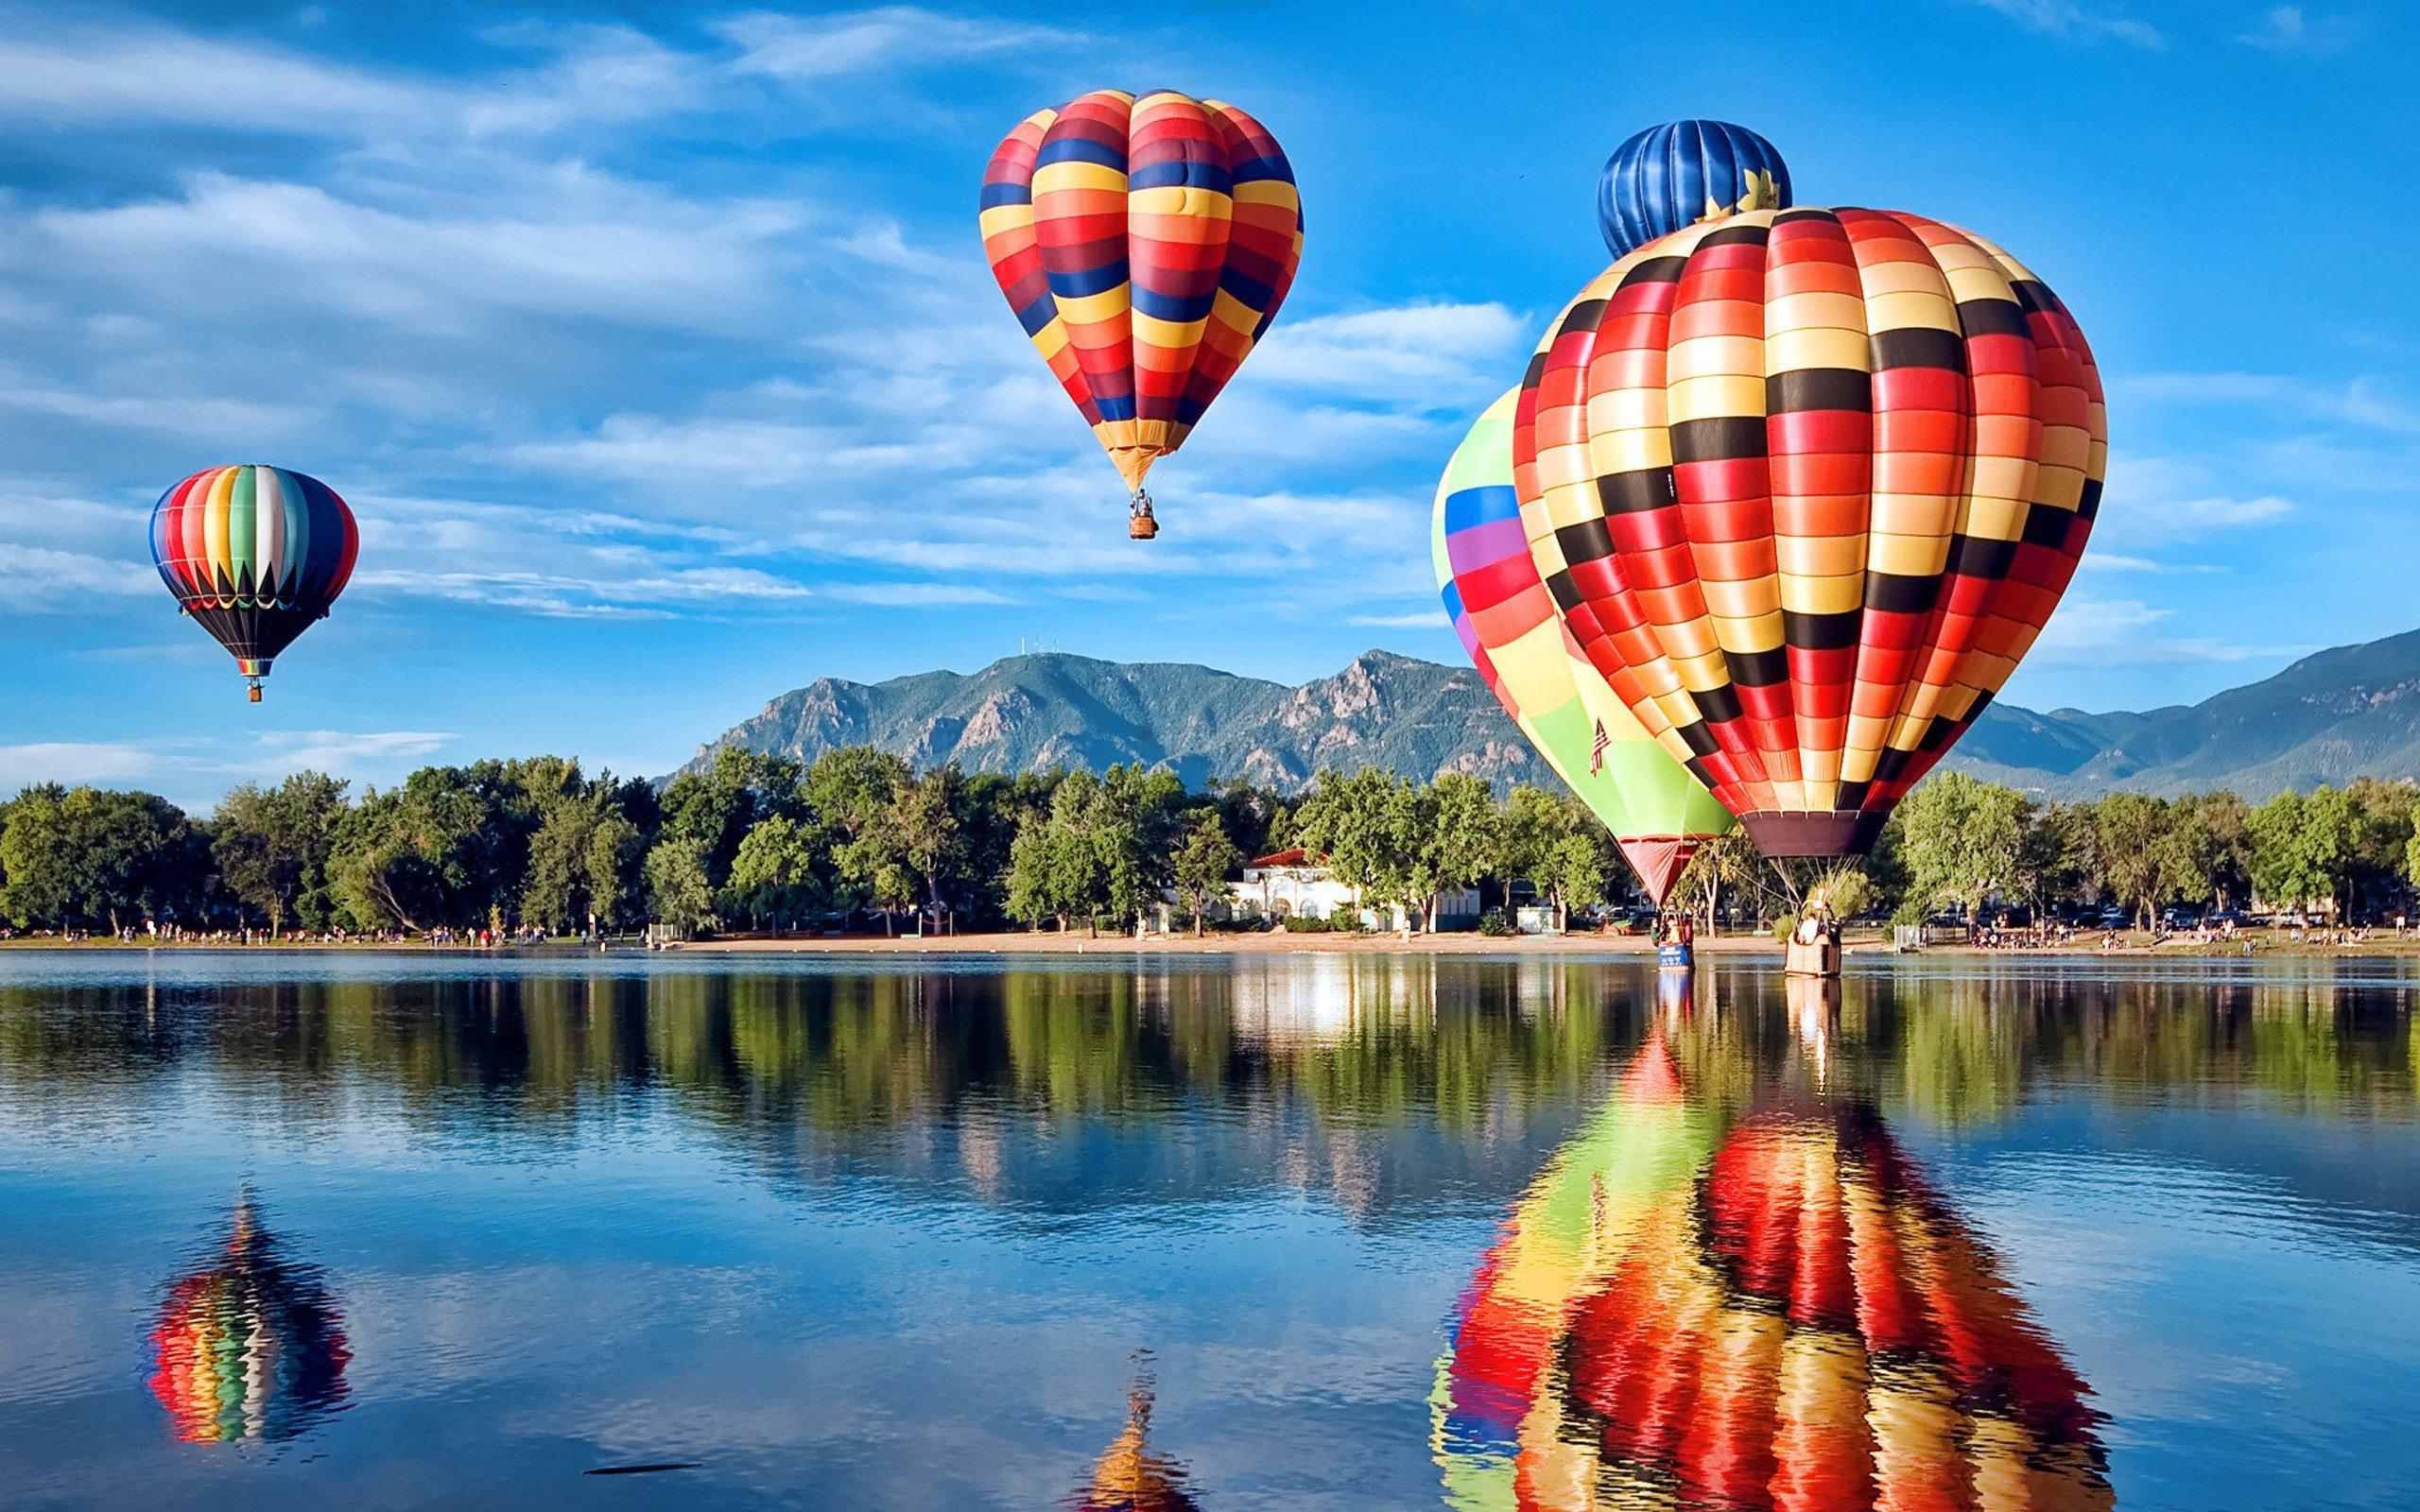 Fondos de pantalla Globos aerostáticos en Colorado